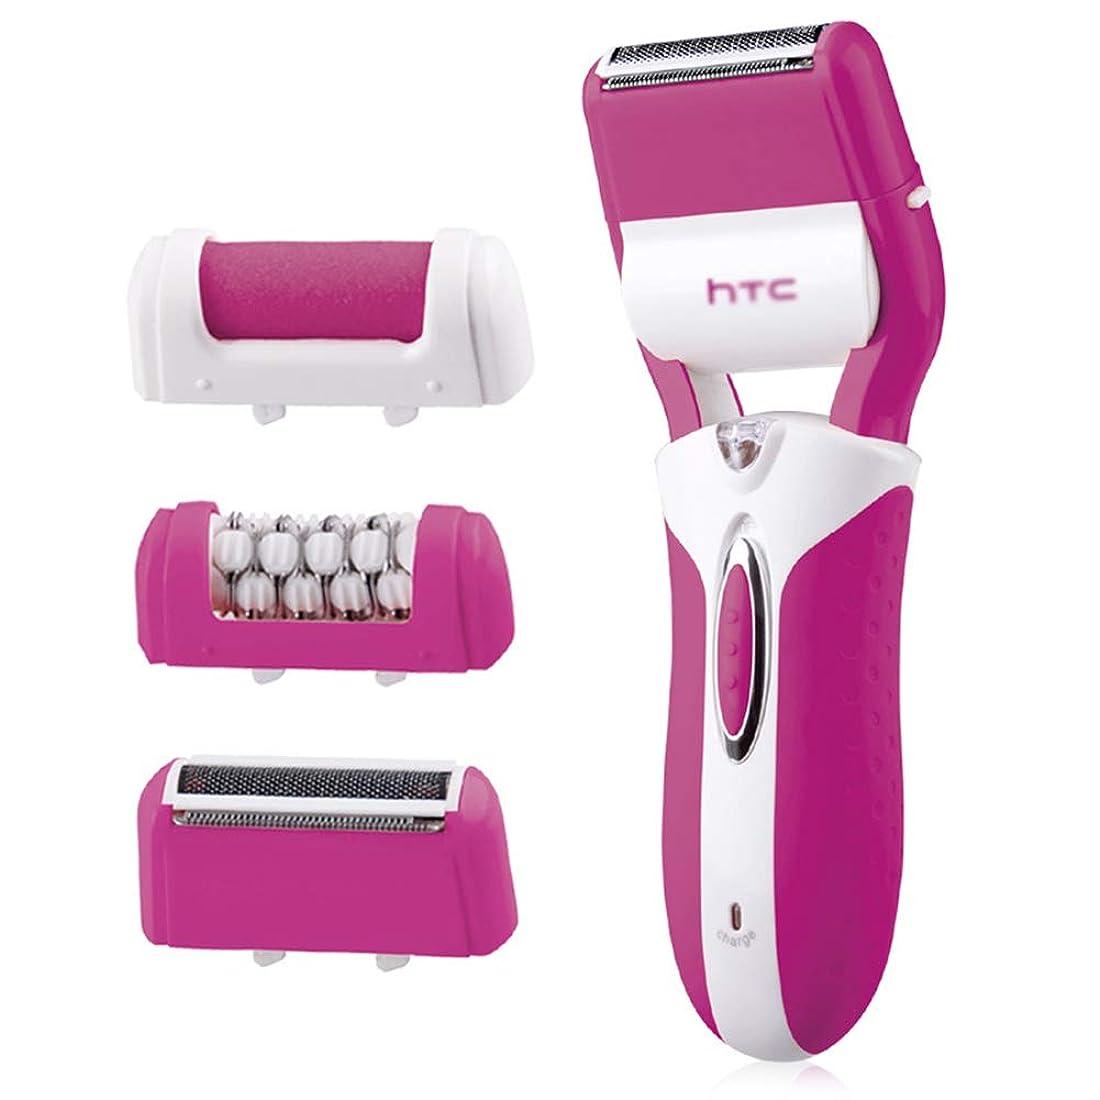 病気の正確に合成コードレス電気脱毛脱毛器、充電式電気シェーバーインスタントヘアトリマーリムーバー、ウェット&ドライ。